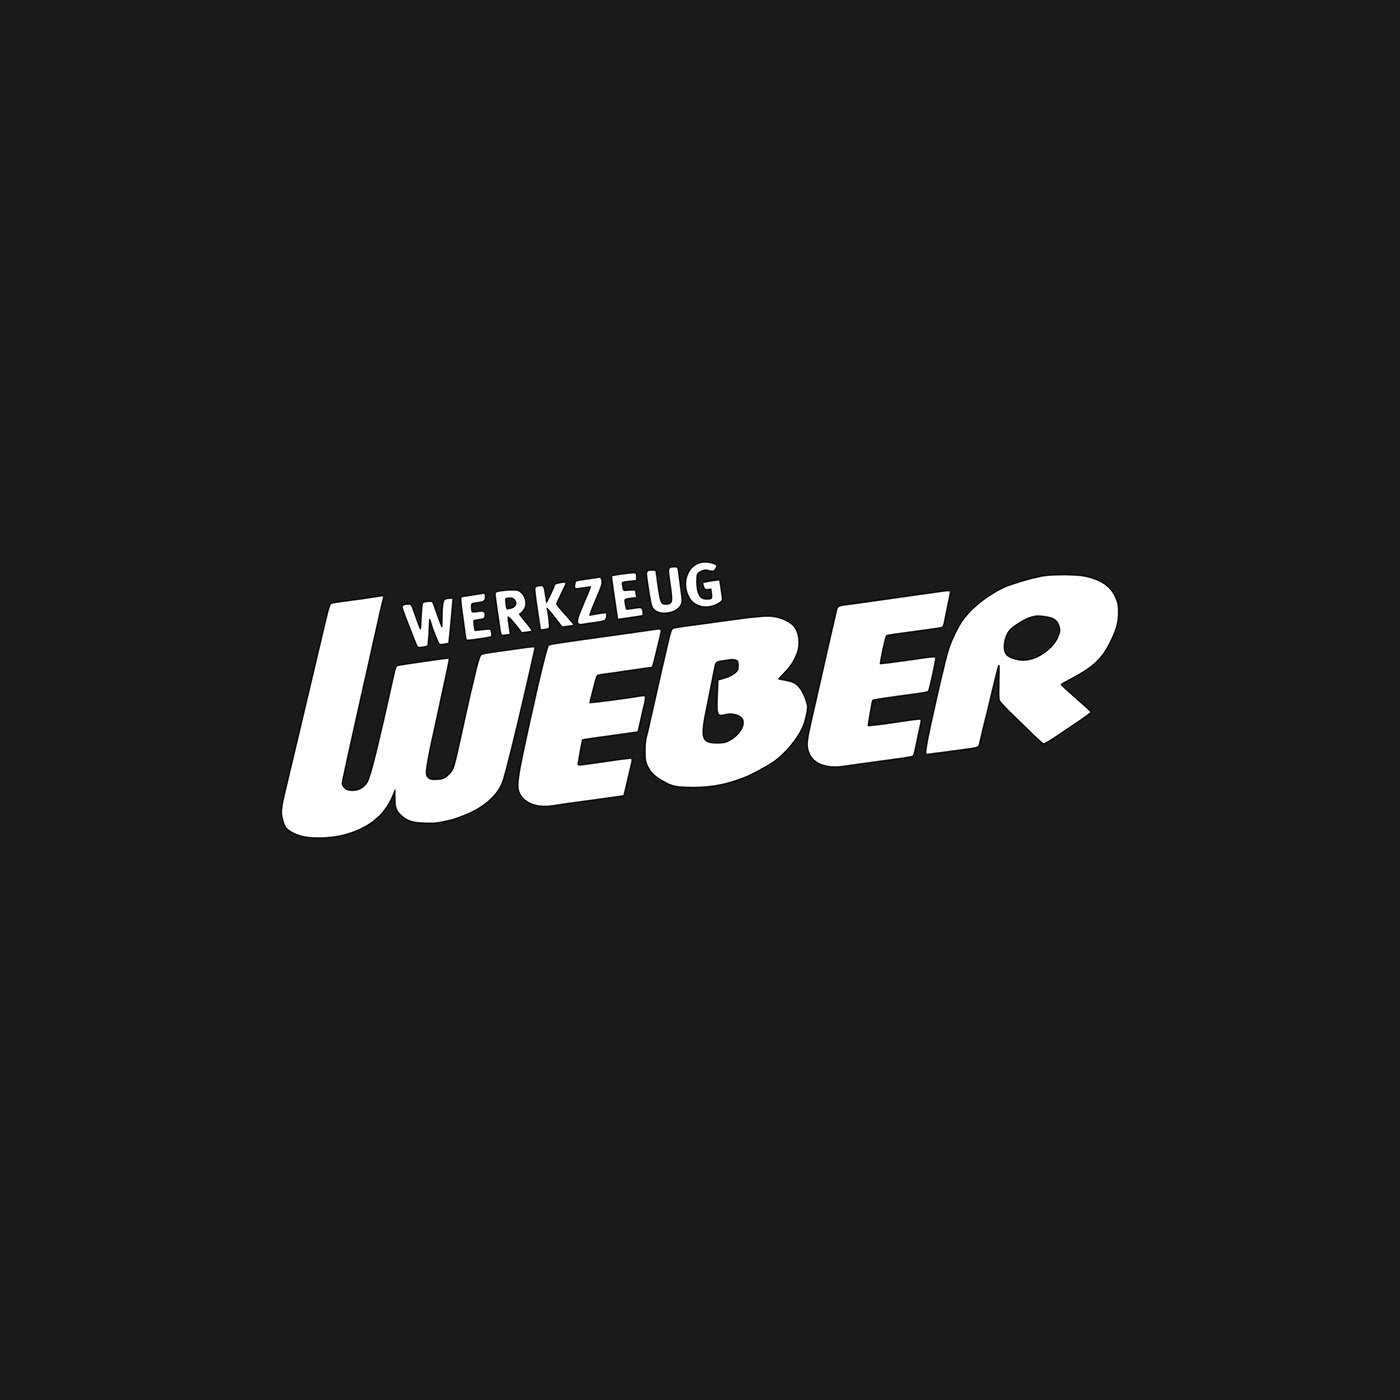 WERKZEUG WEBER // Thumbnail